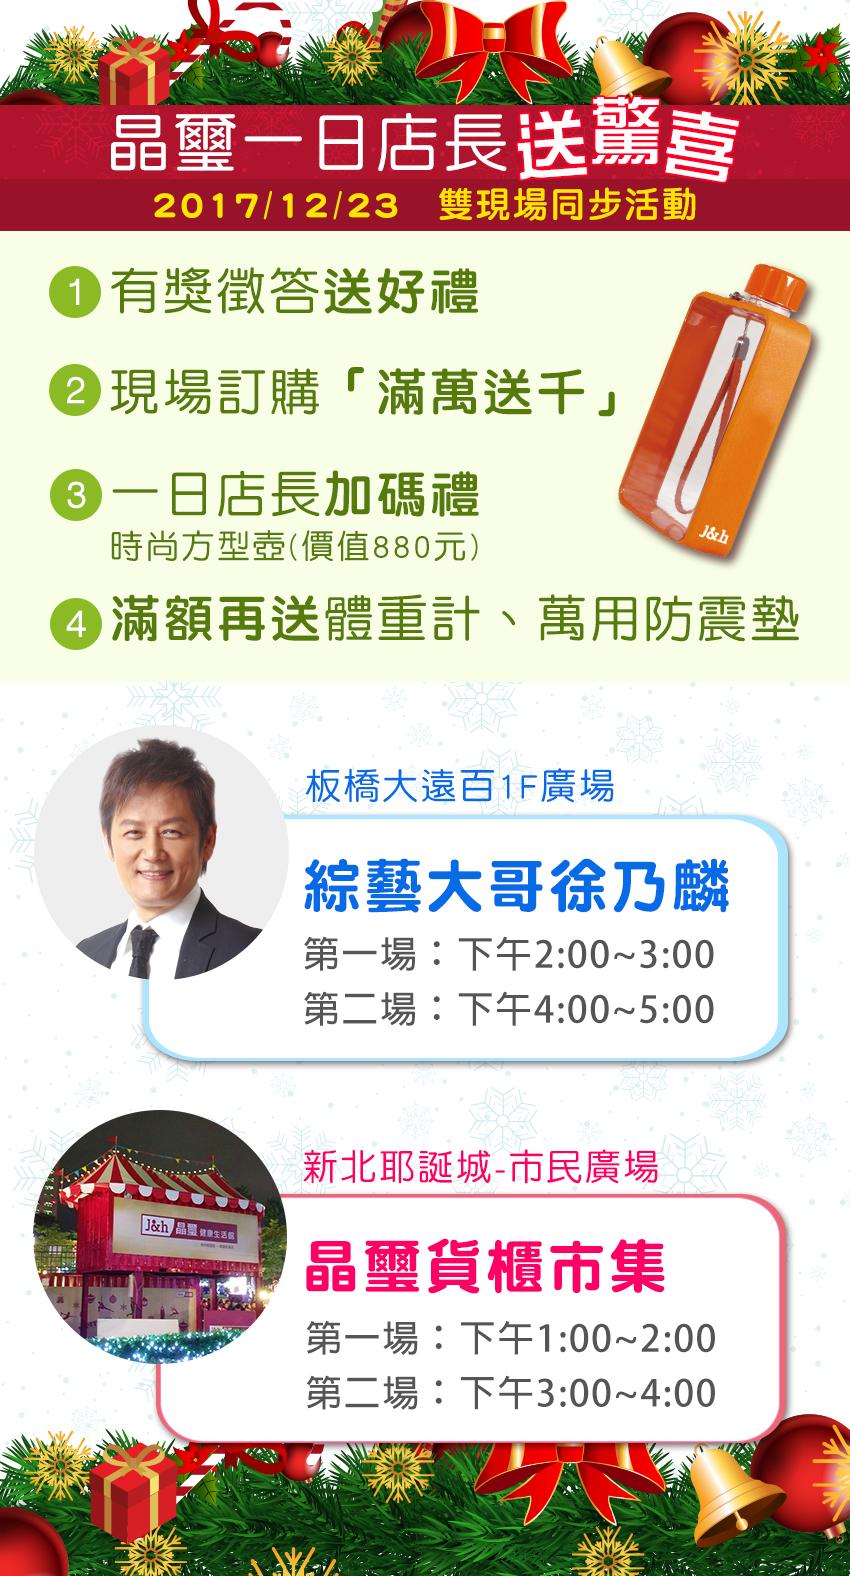 晶璽一日店長送驚喜-2017/12/23雙現場同步活動